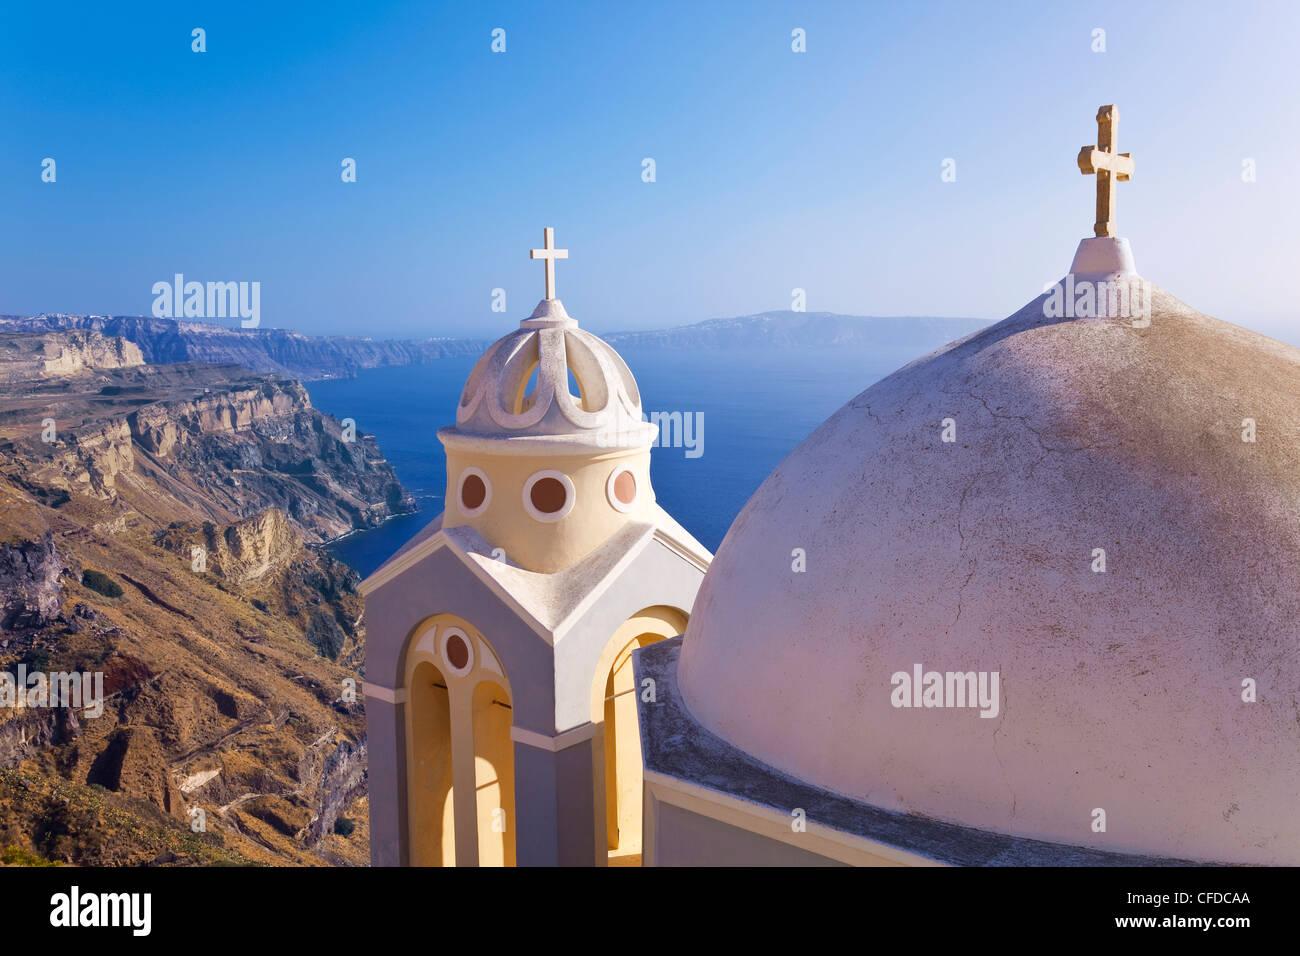 Chiesa greco-ortodossa di Fira, Santorini (Thira), Isole Cicladi, il Mare Egeo e le isole greche, Grecia, Europa Immagini Stock